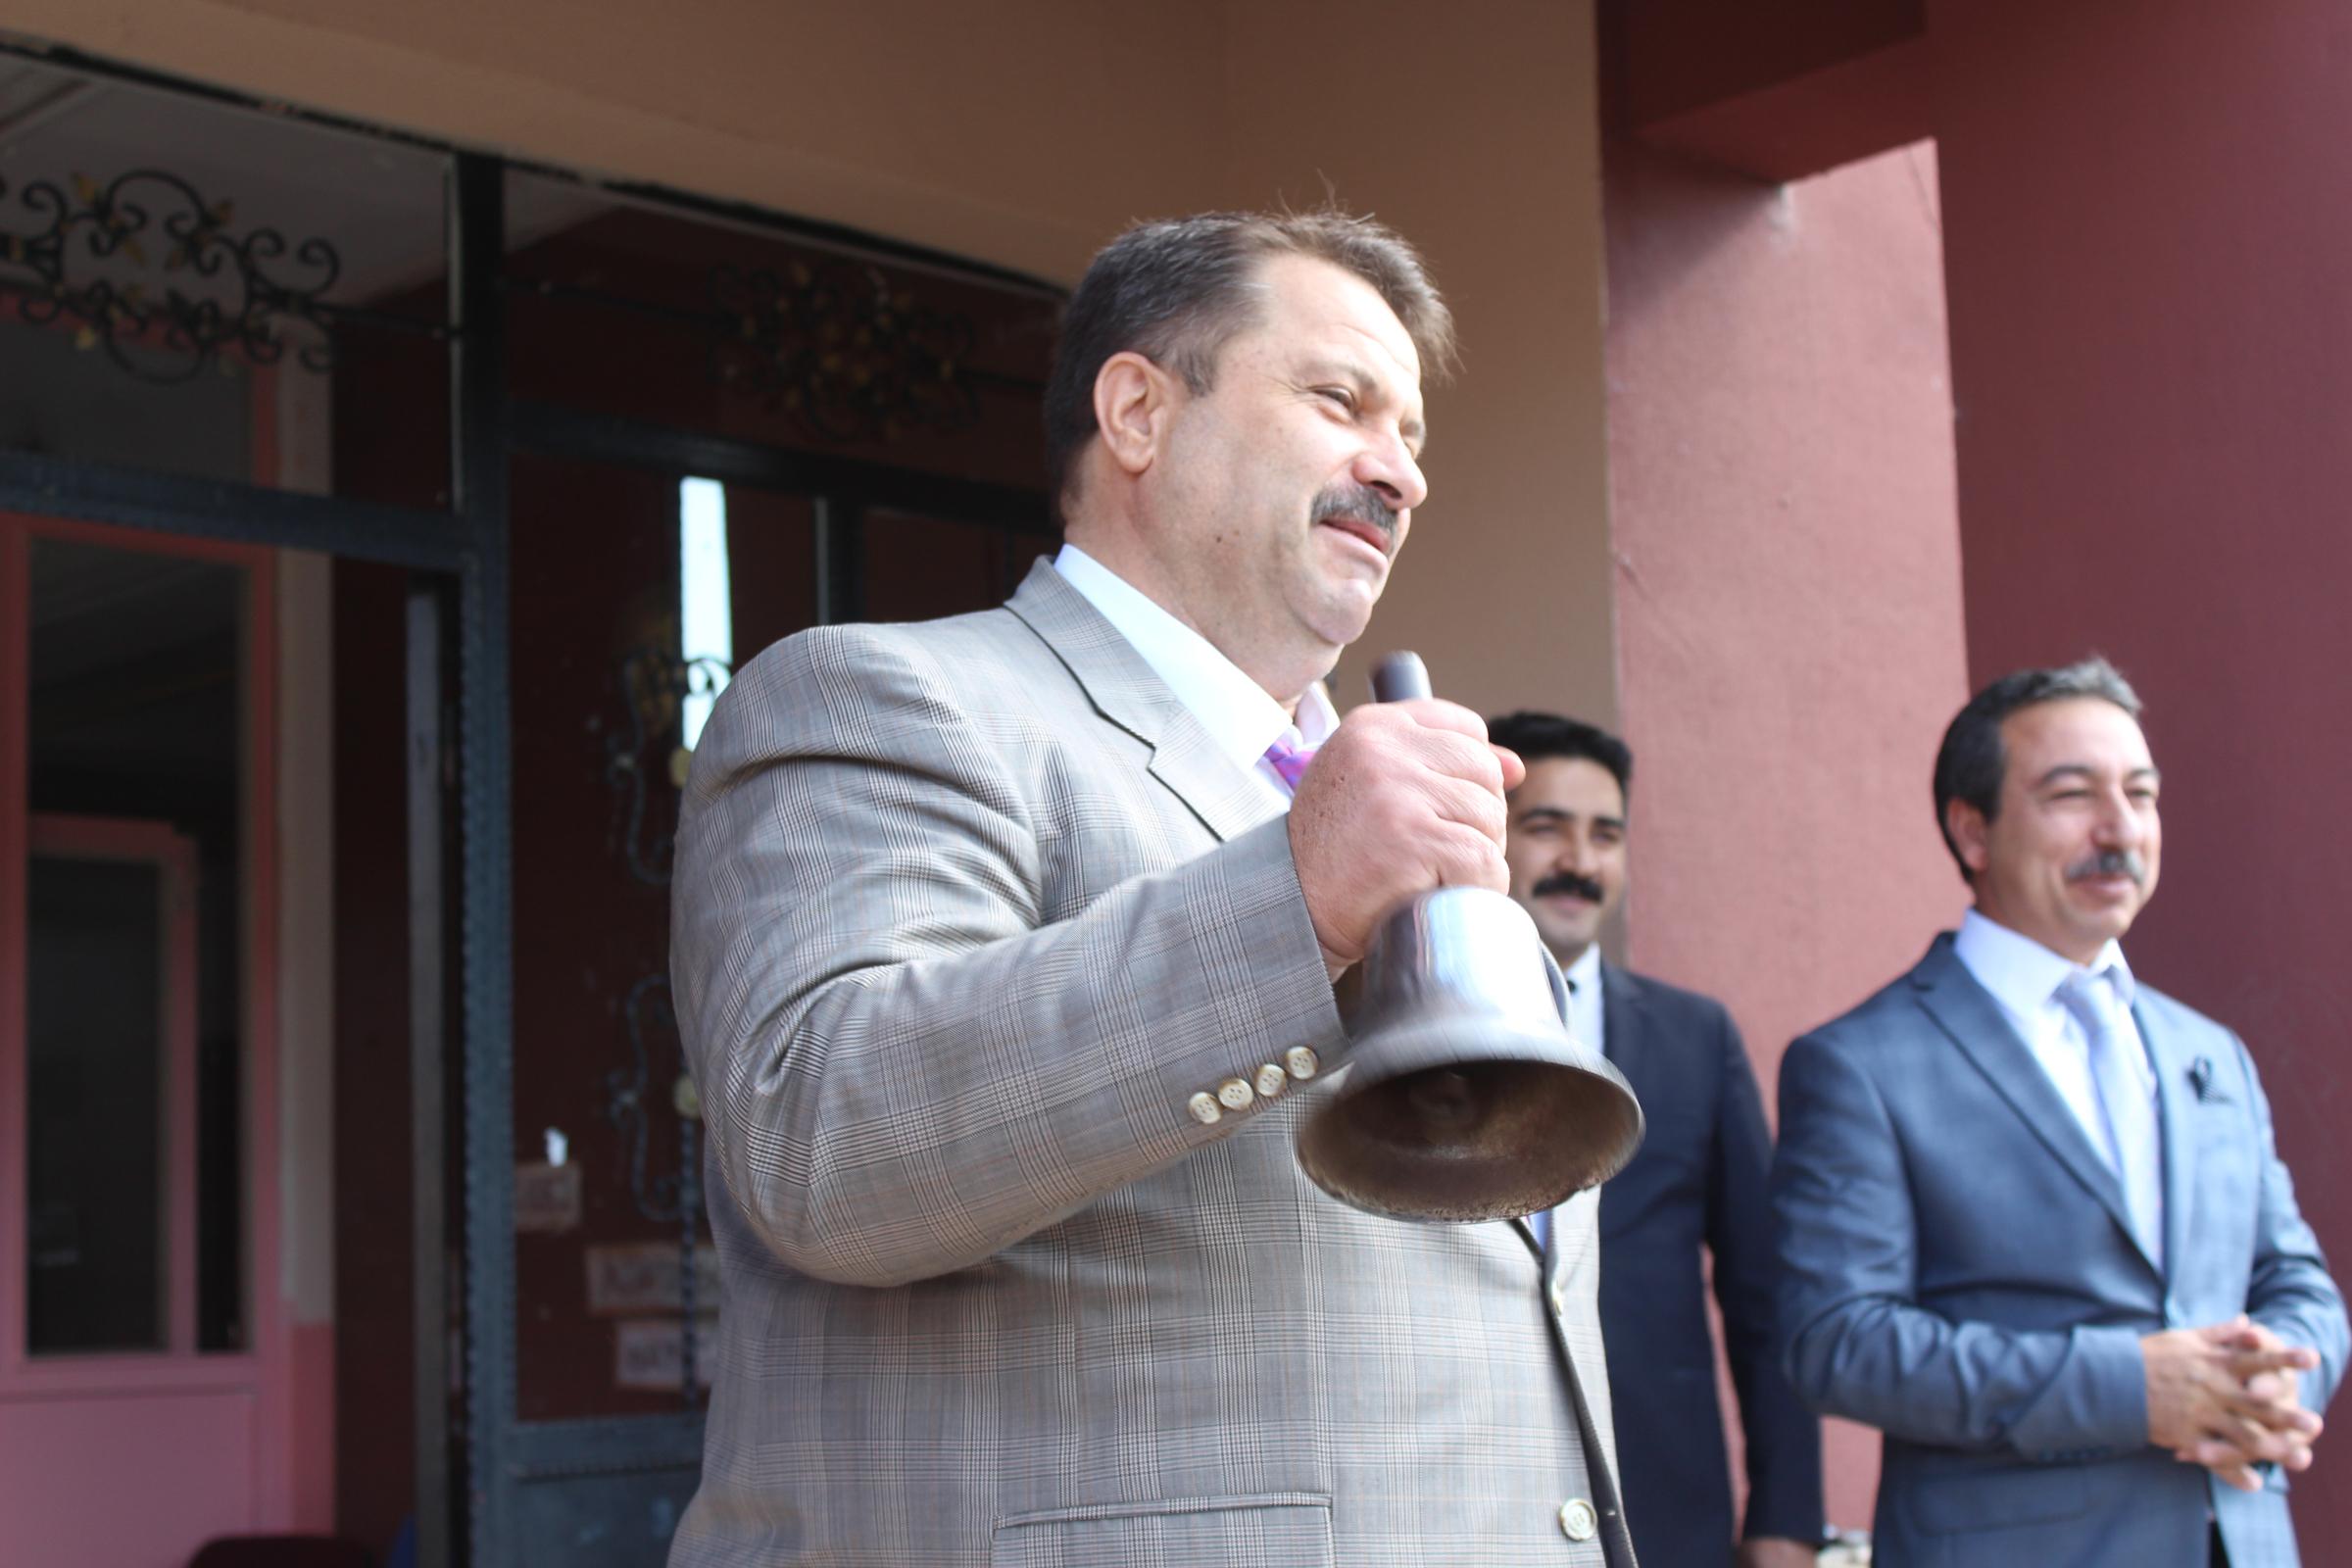 Ağrı'da ders zilini Milli Eğitim Müdürü Turan çaldı